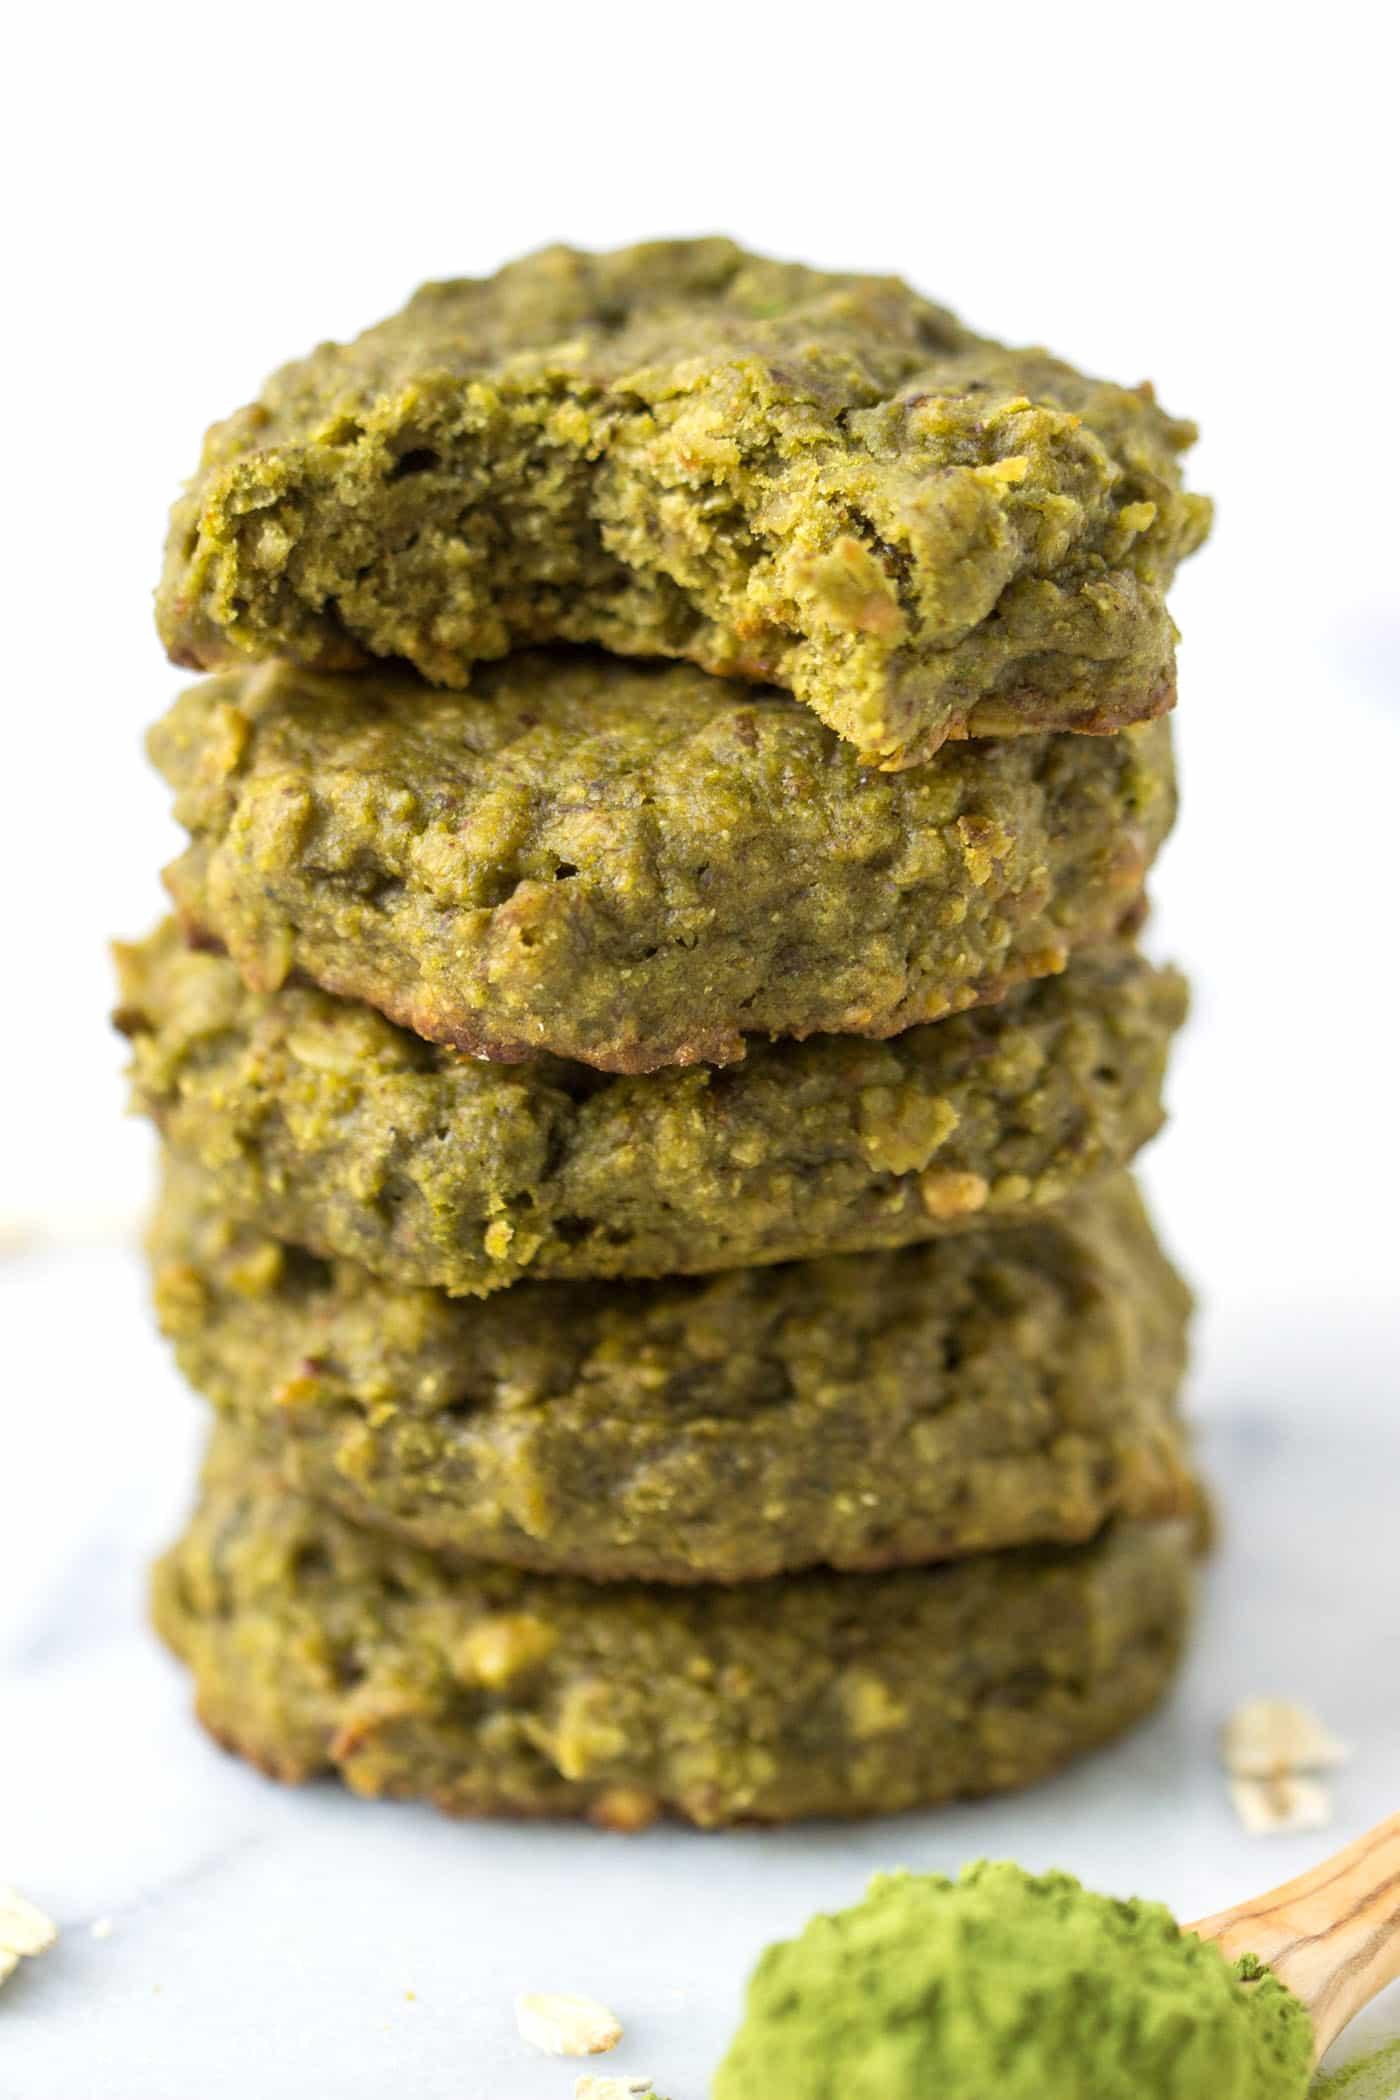 Vegan Matcha Quinoa Cookies